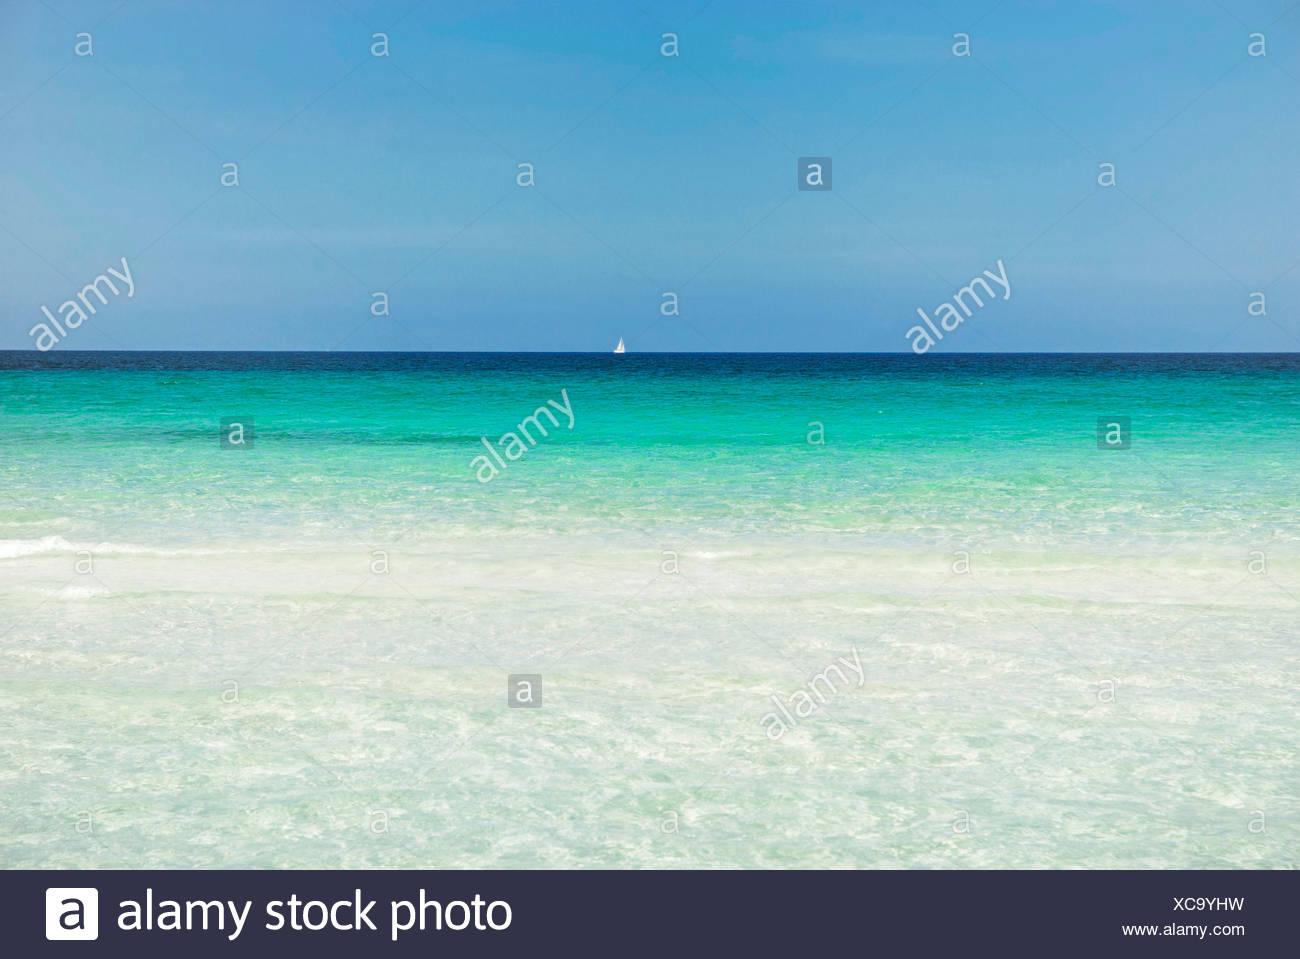 Horizon avec voilier, la mer turquoise avec plage de sable, La Cinta, Sardaigne, Italie, Europe Photo Stock